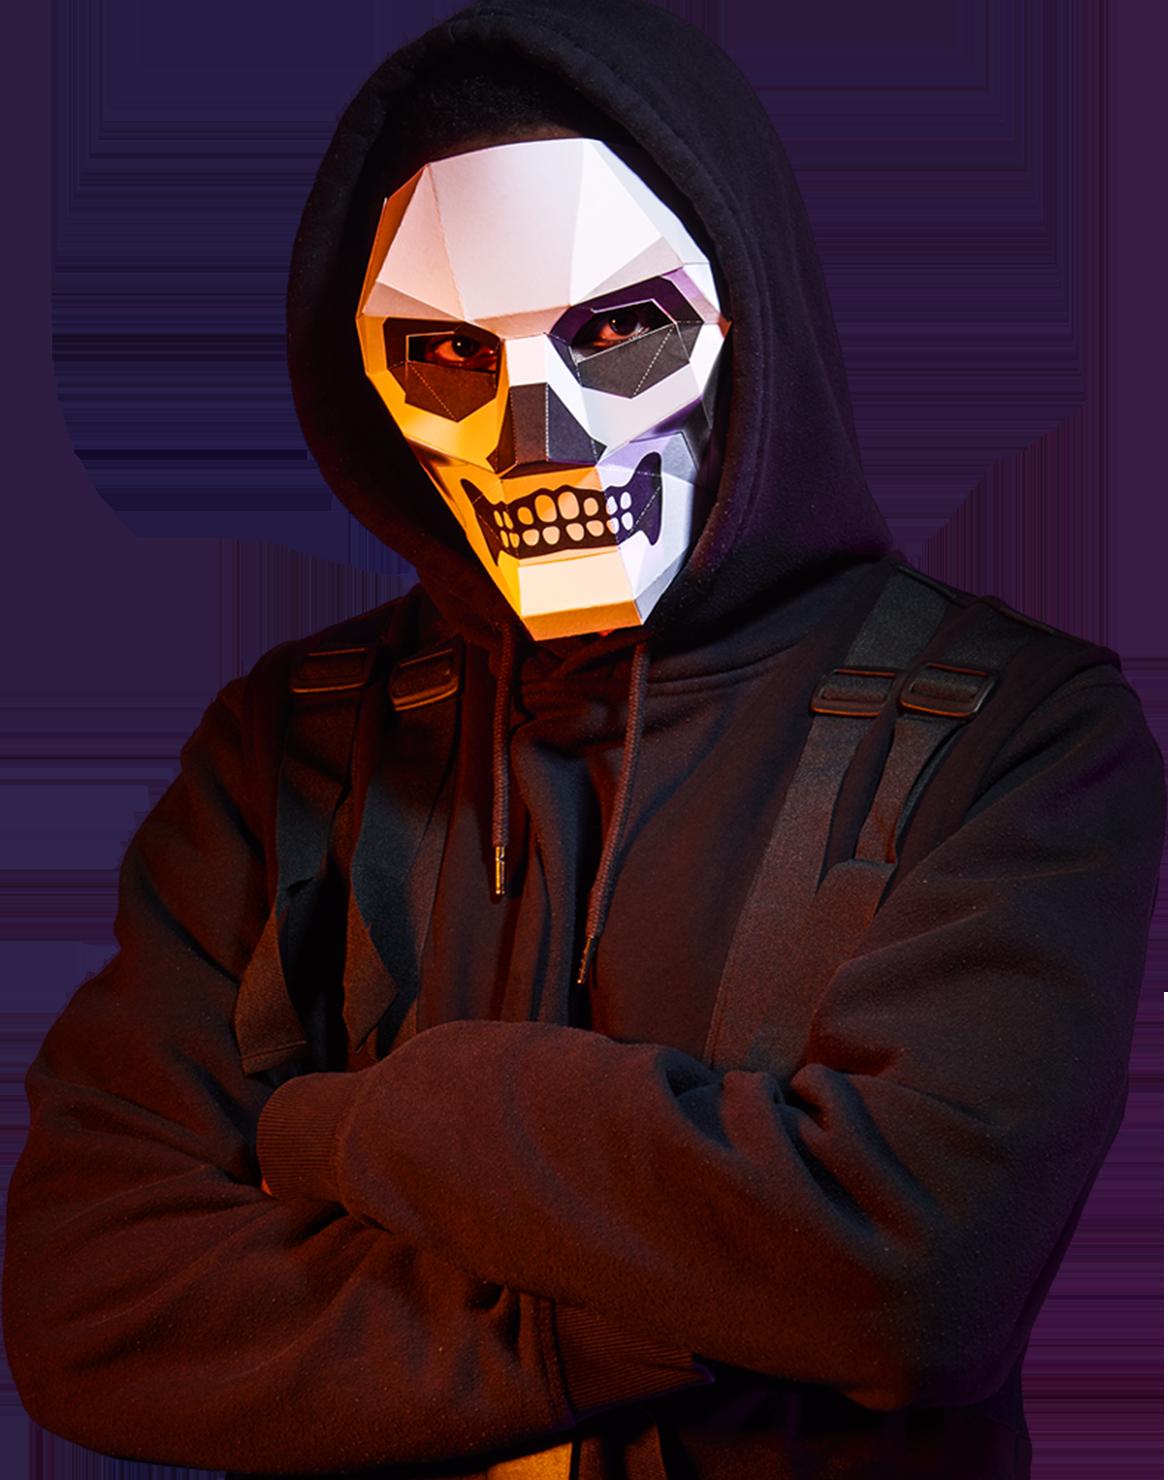 skull-trooper-masque-halloween-fortnite